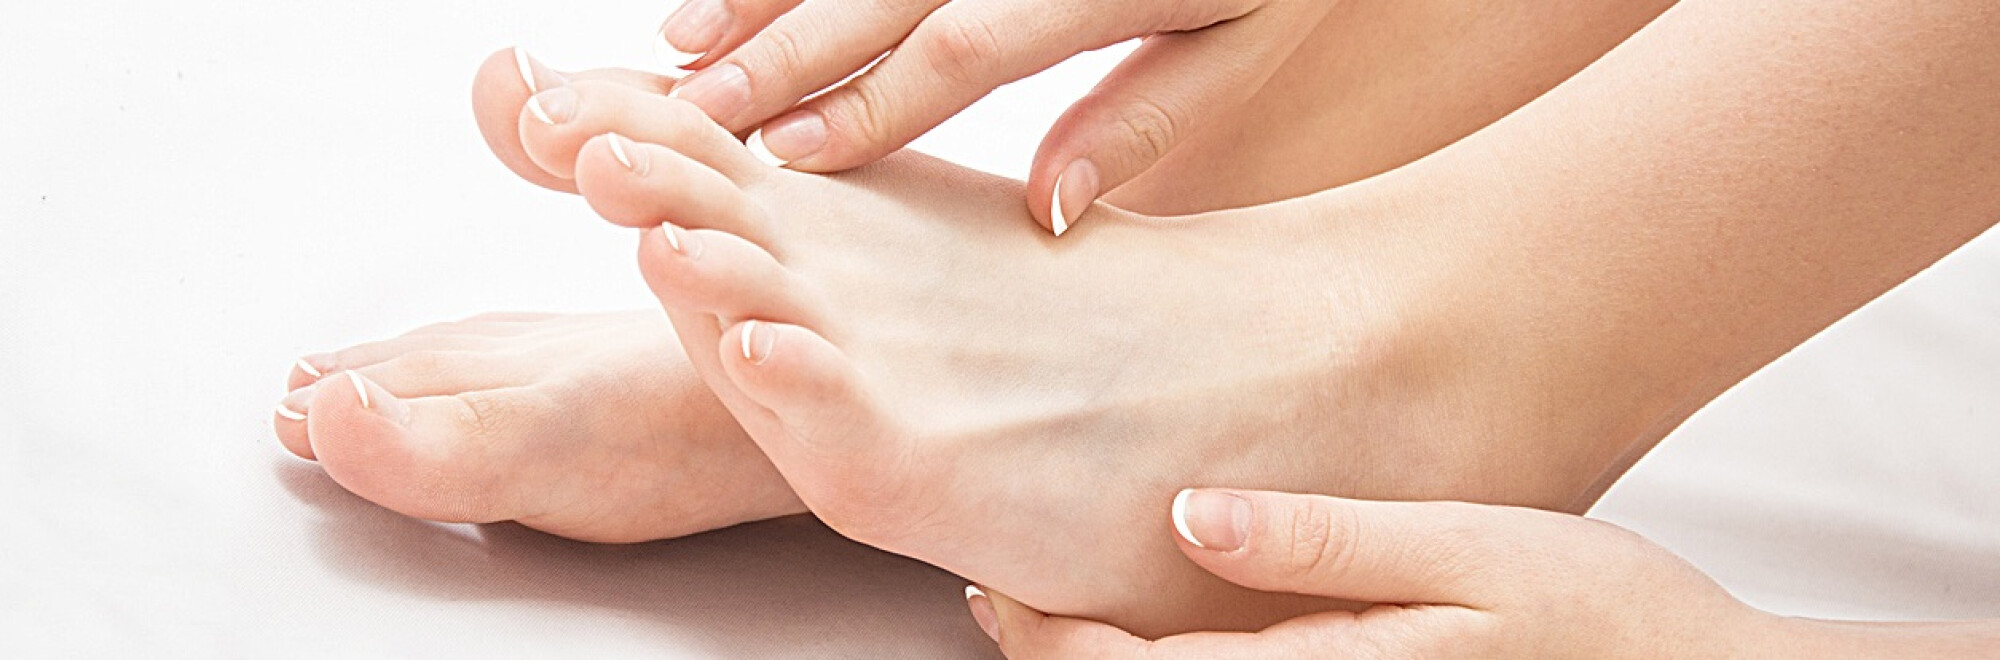 Umflarea picioarelor sub articulația genunchiului - Reduce picioarelor cauza din